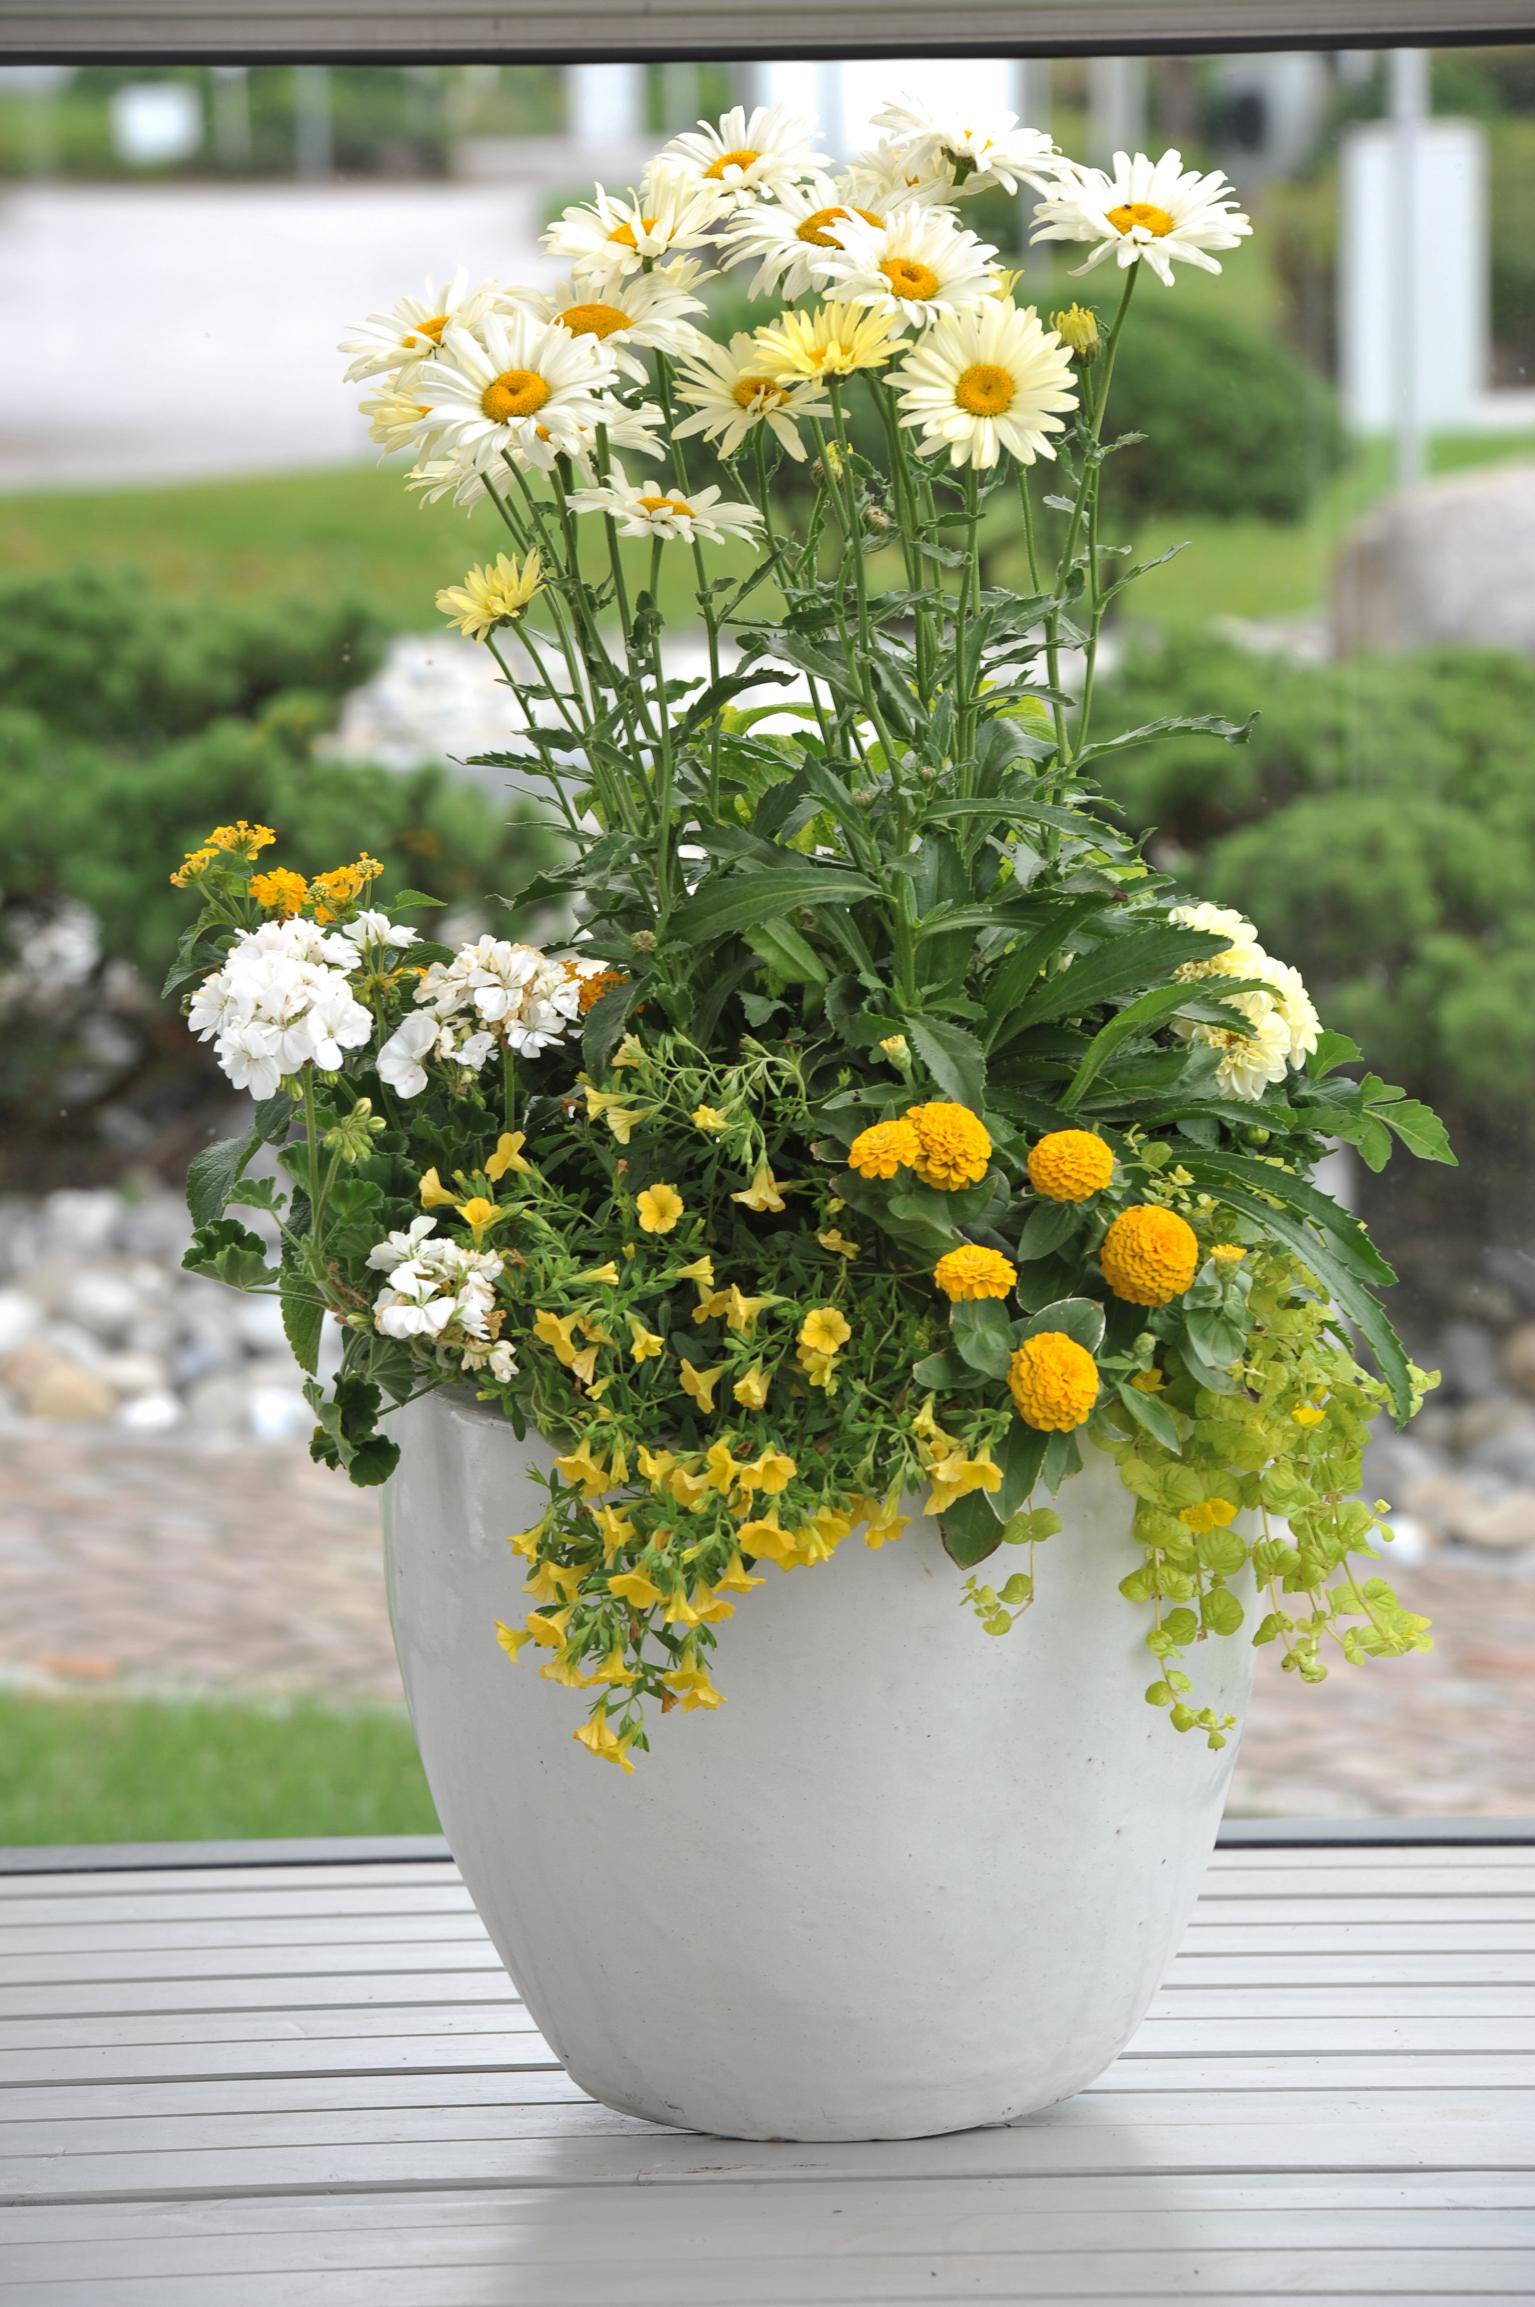 Richtig kombinieren: Die schönsten Blühpflanzen für den Kübel